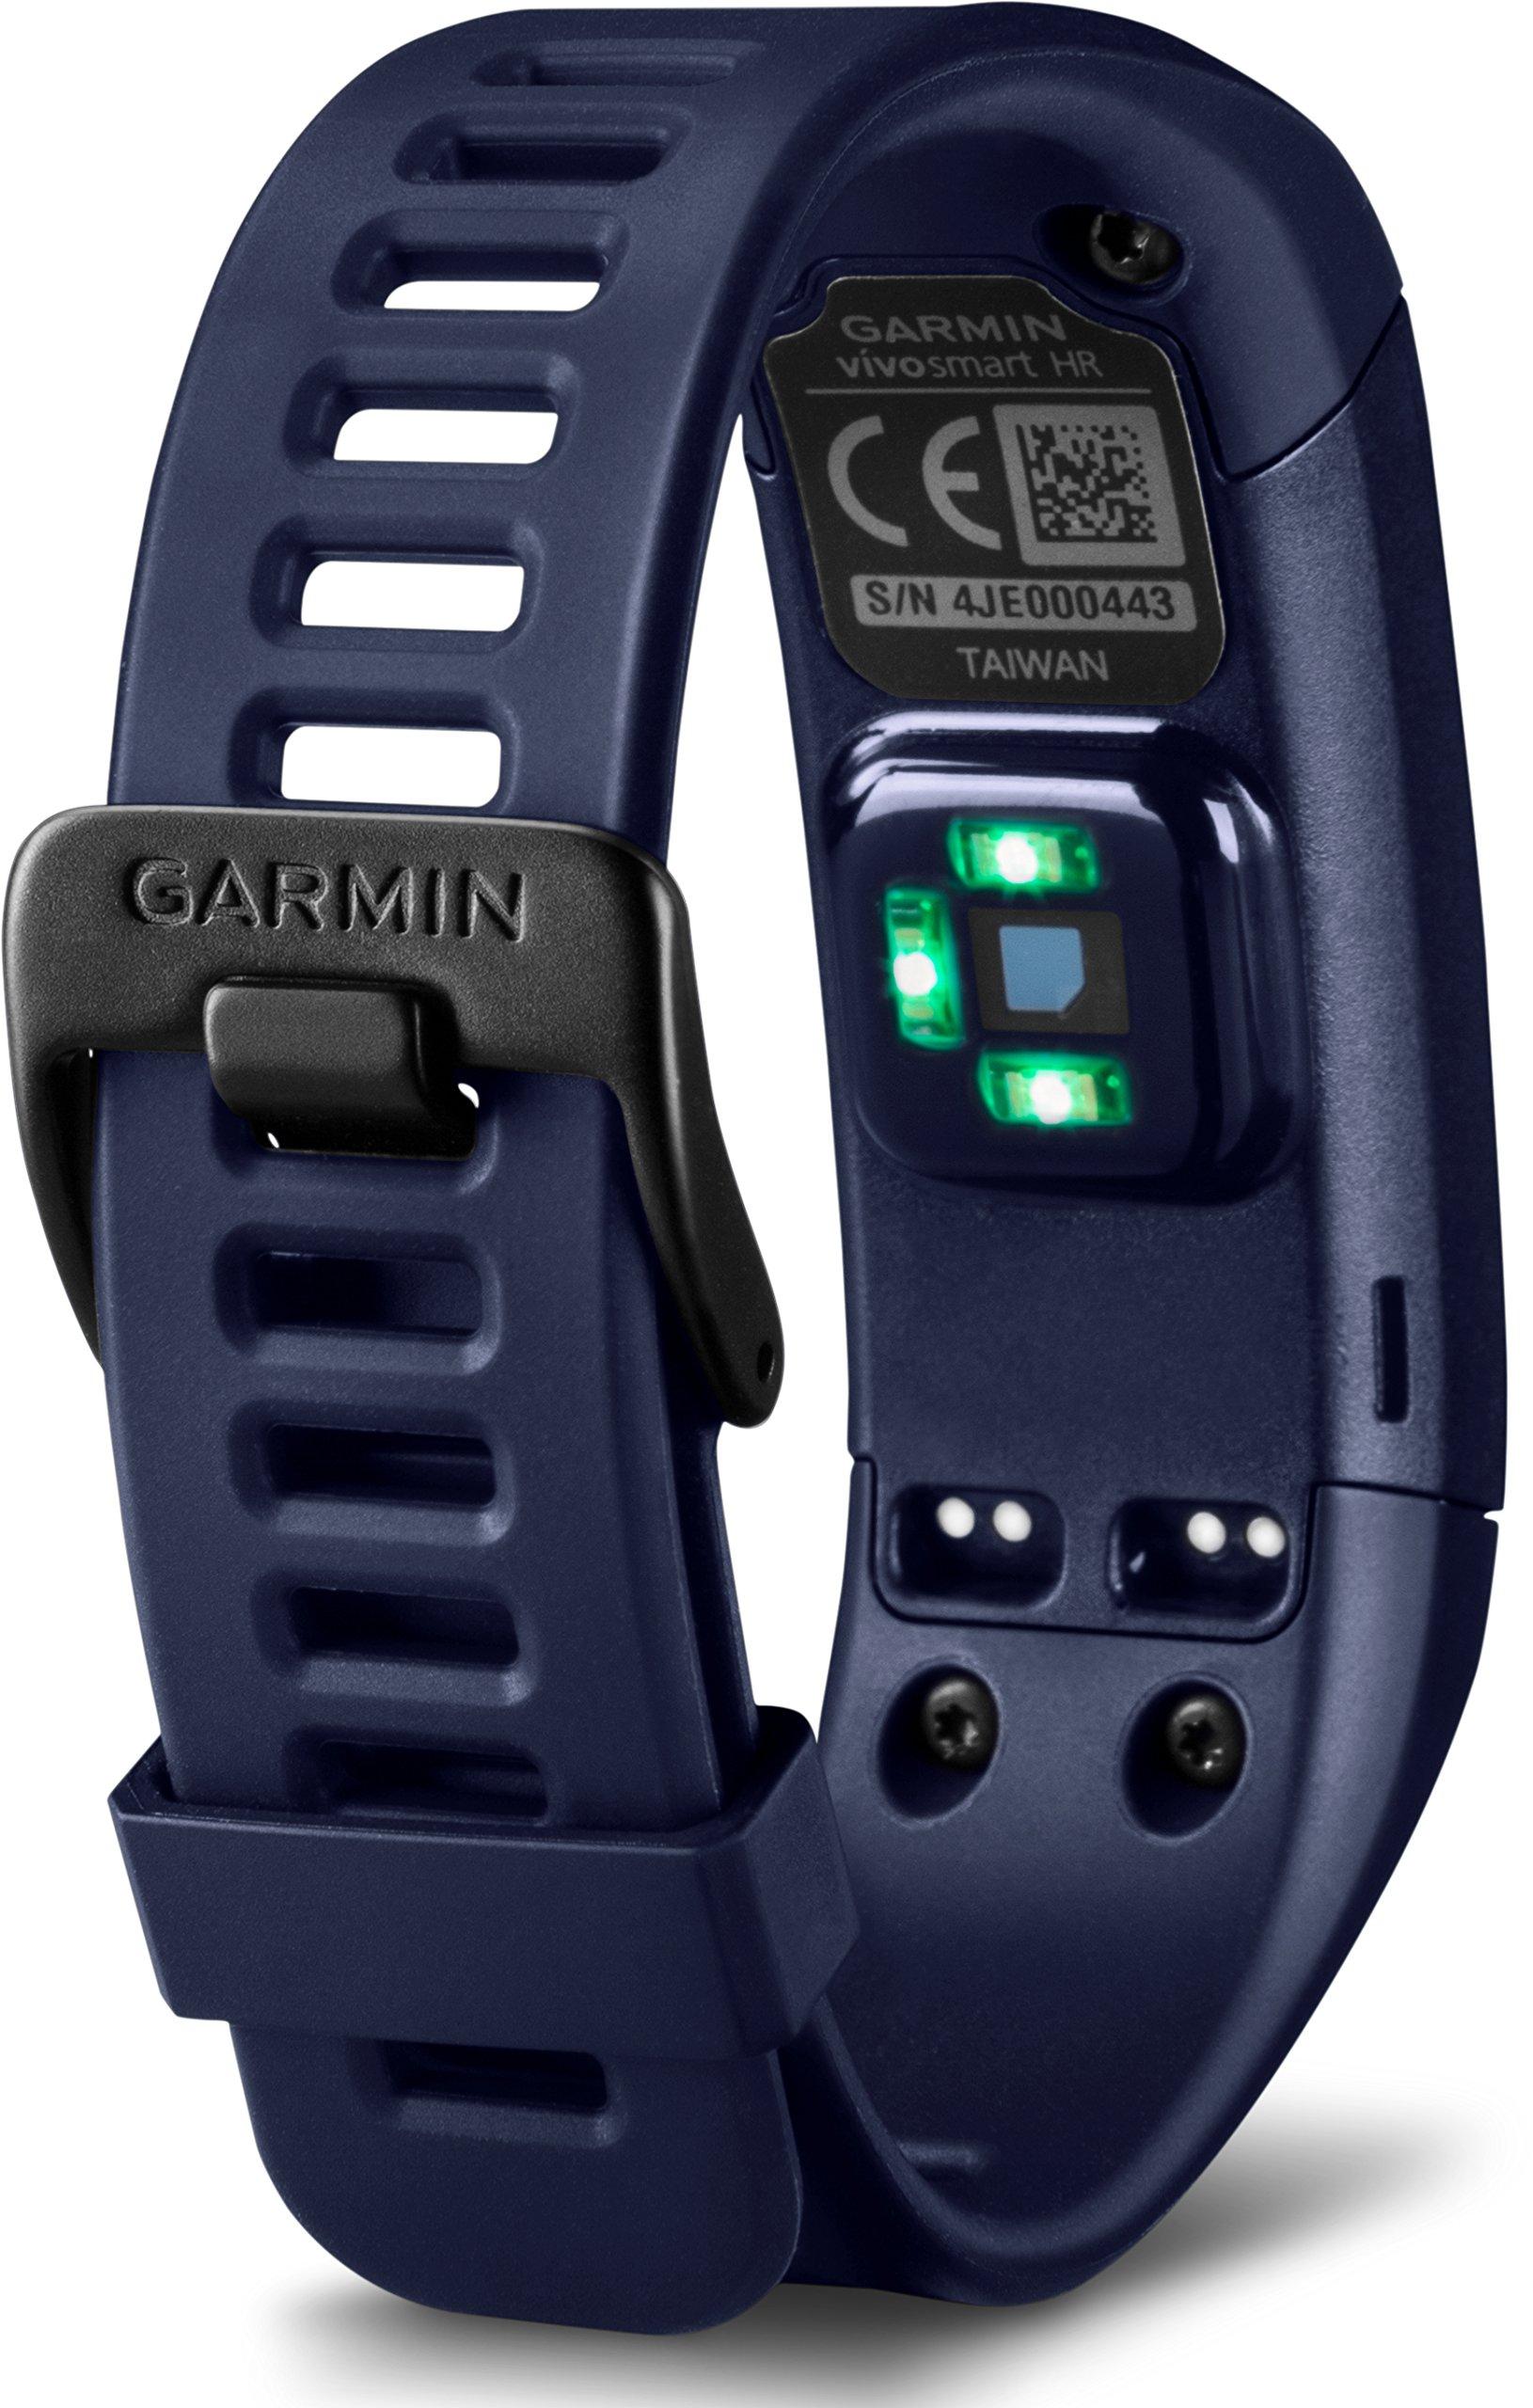 Garmin vívosmart HR Activity Tracker Regular Fit - Midnight Blue (Deep Blue) by Garmin (Image #4)